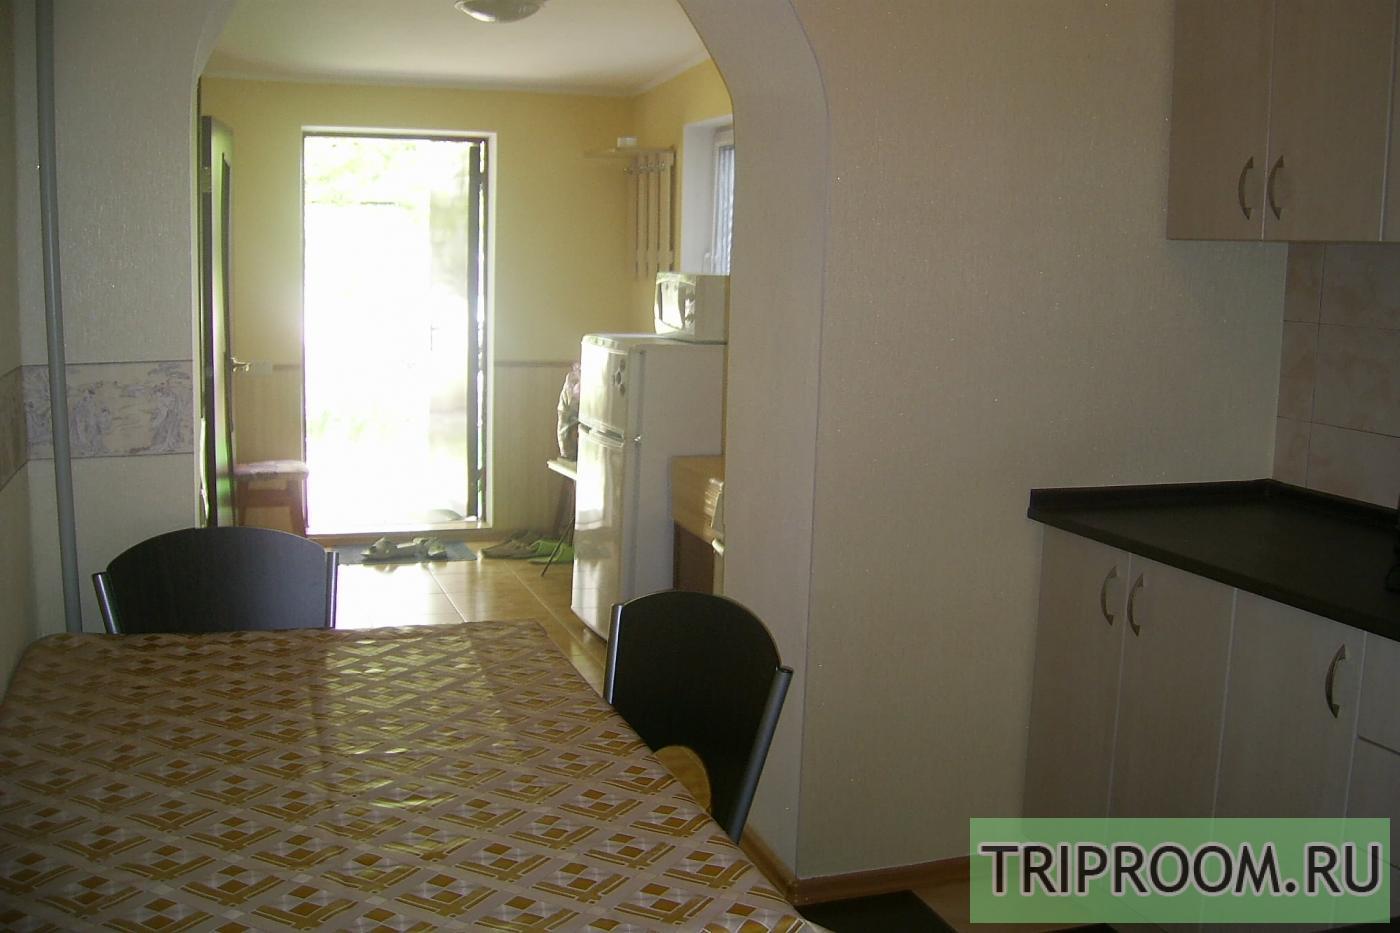 2-комнатная квартира посуточно (вариант № 6819), ул. Юрия Гагарина проспект, фото № 5